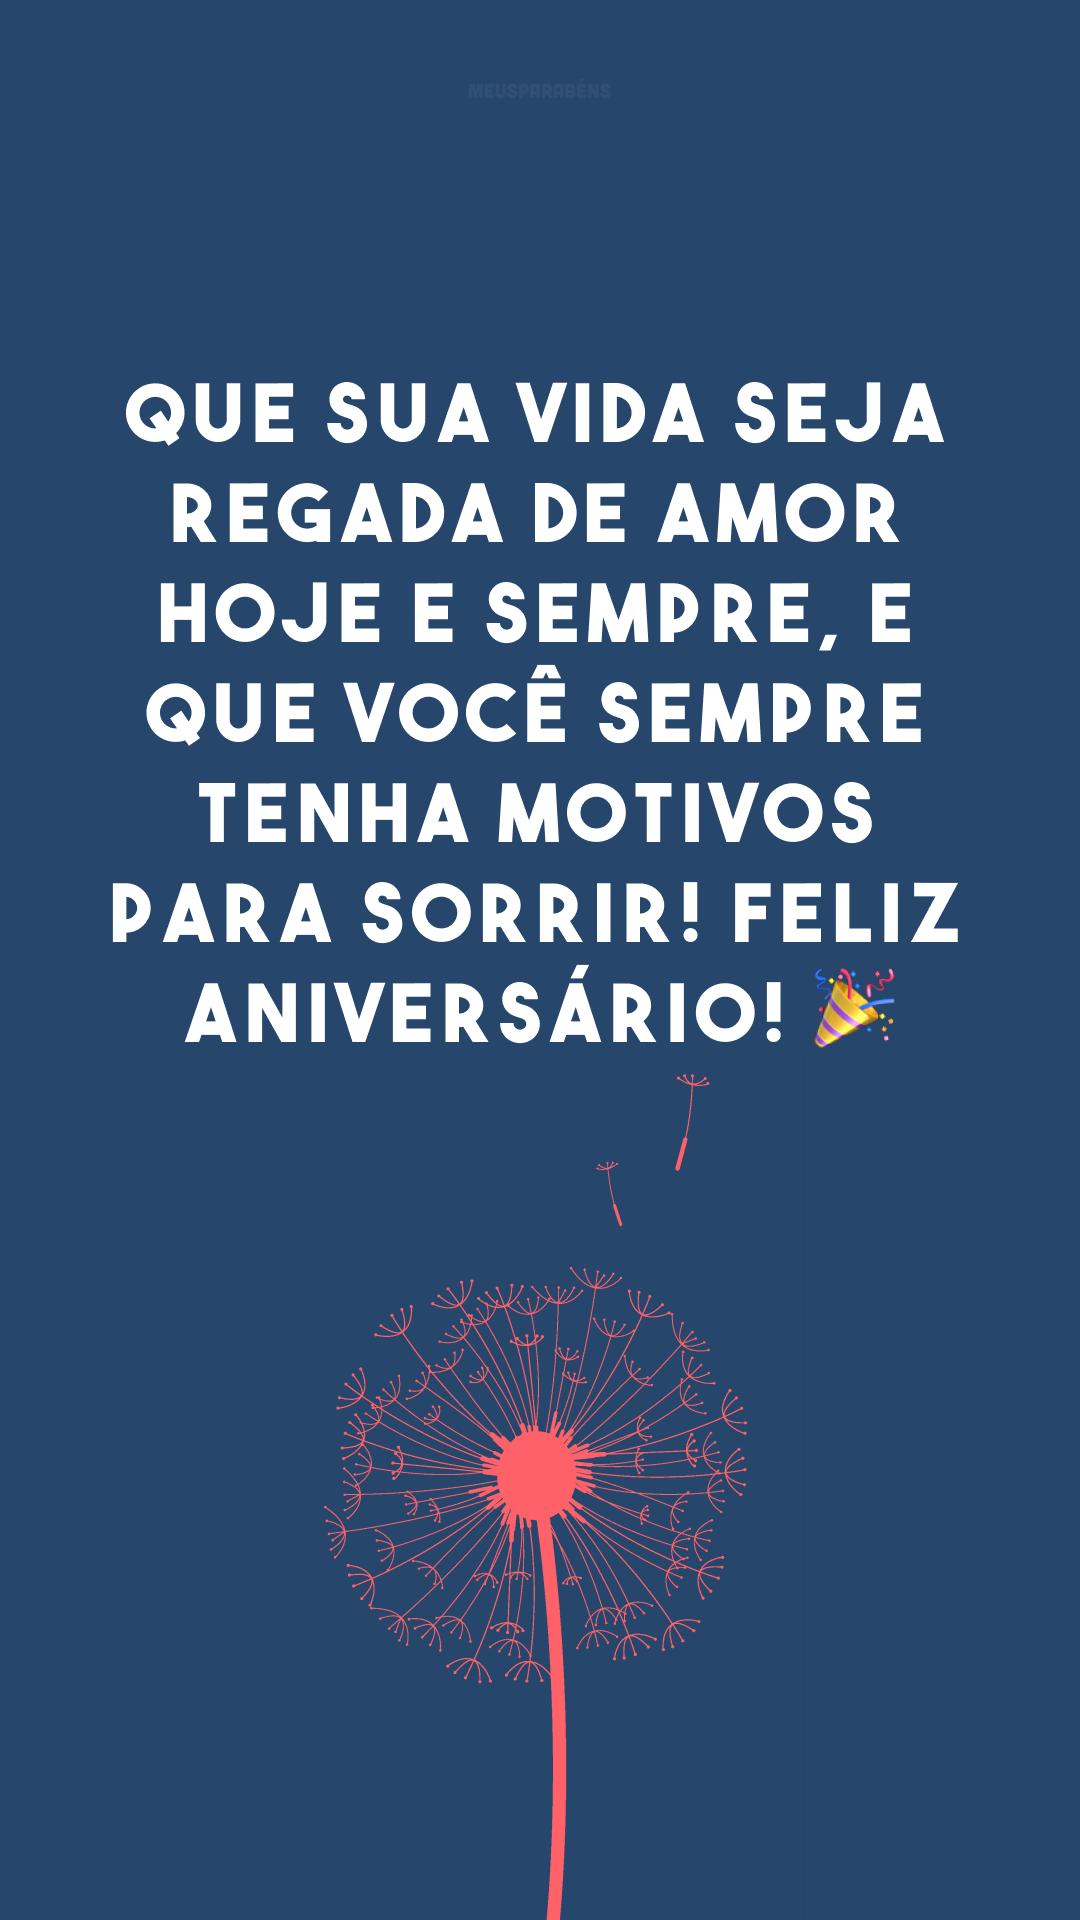 Que sua vida seja regada de amor hoje e sempre, e que você sempre tenha motivos para sorrir! Feliz aniversário! 🎉